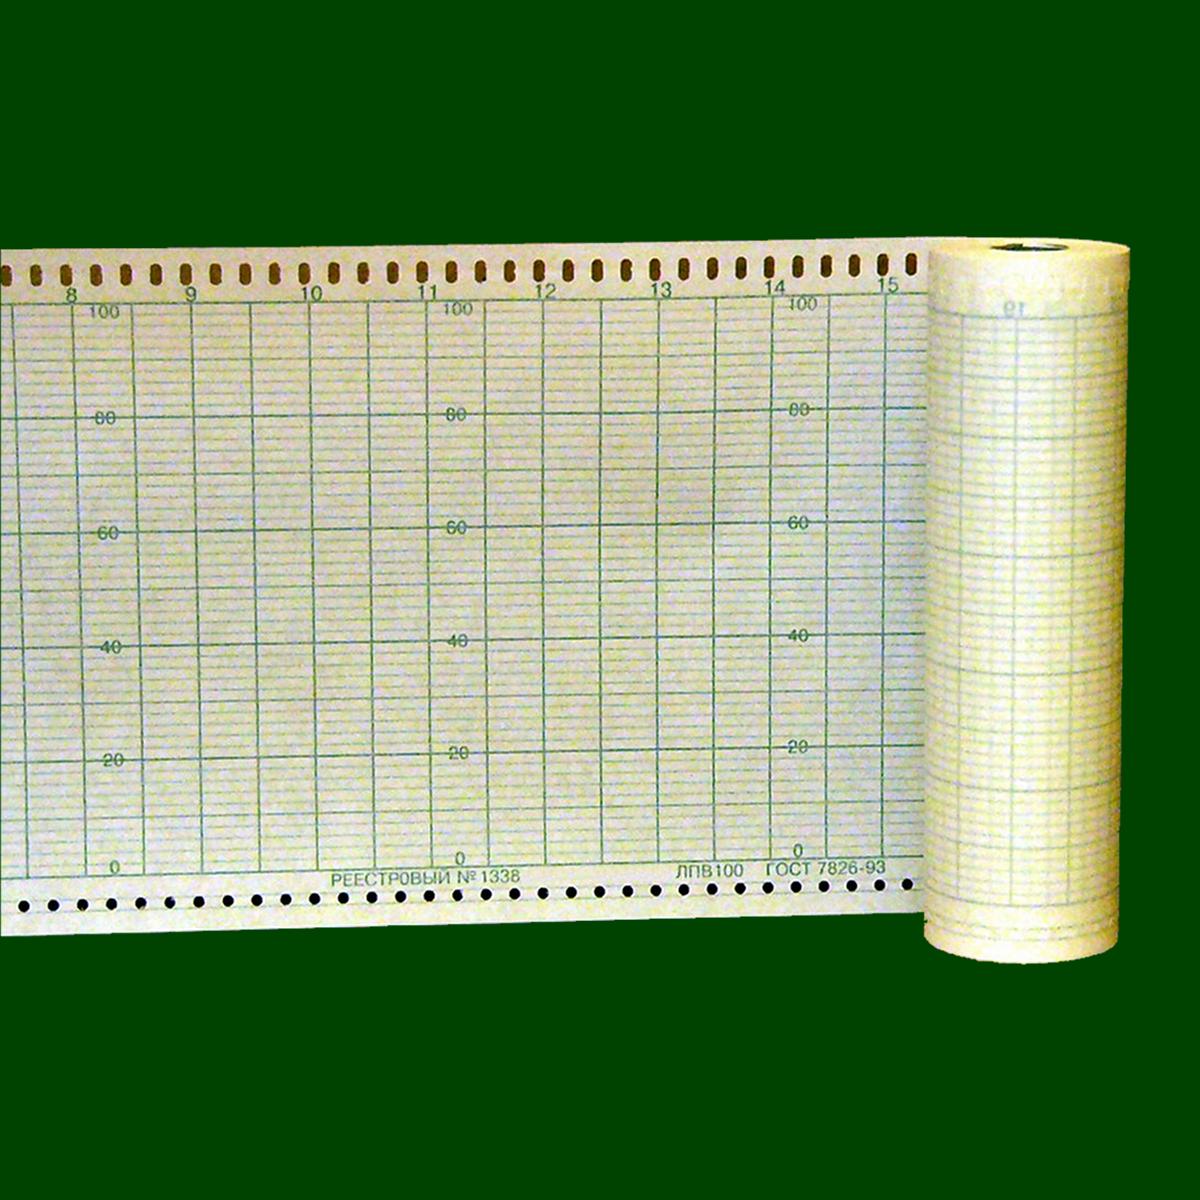 Диаграммная рулонная лента, реестровый № 1338 (40,50 руб/кв.м)